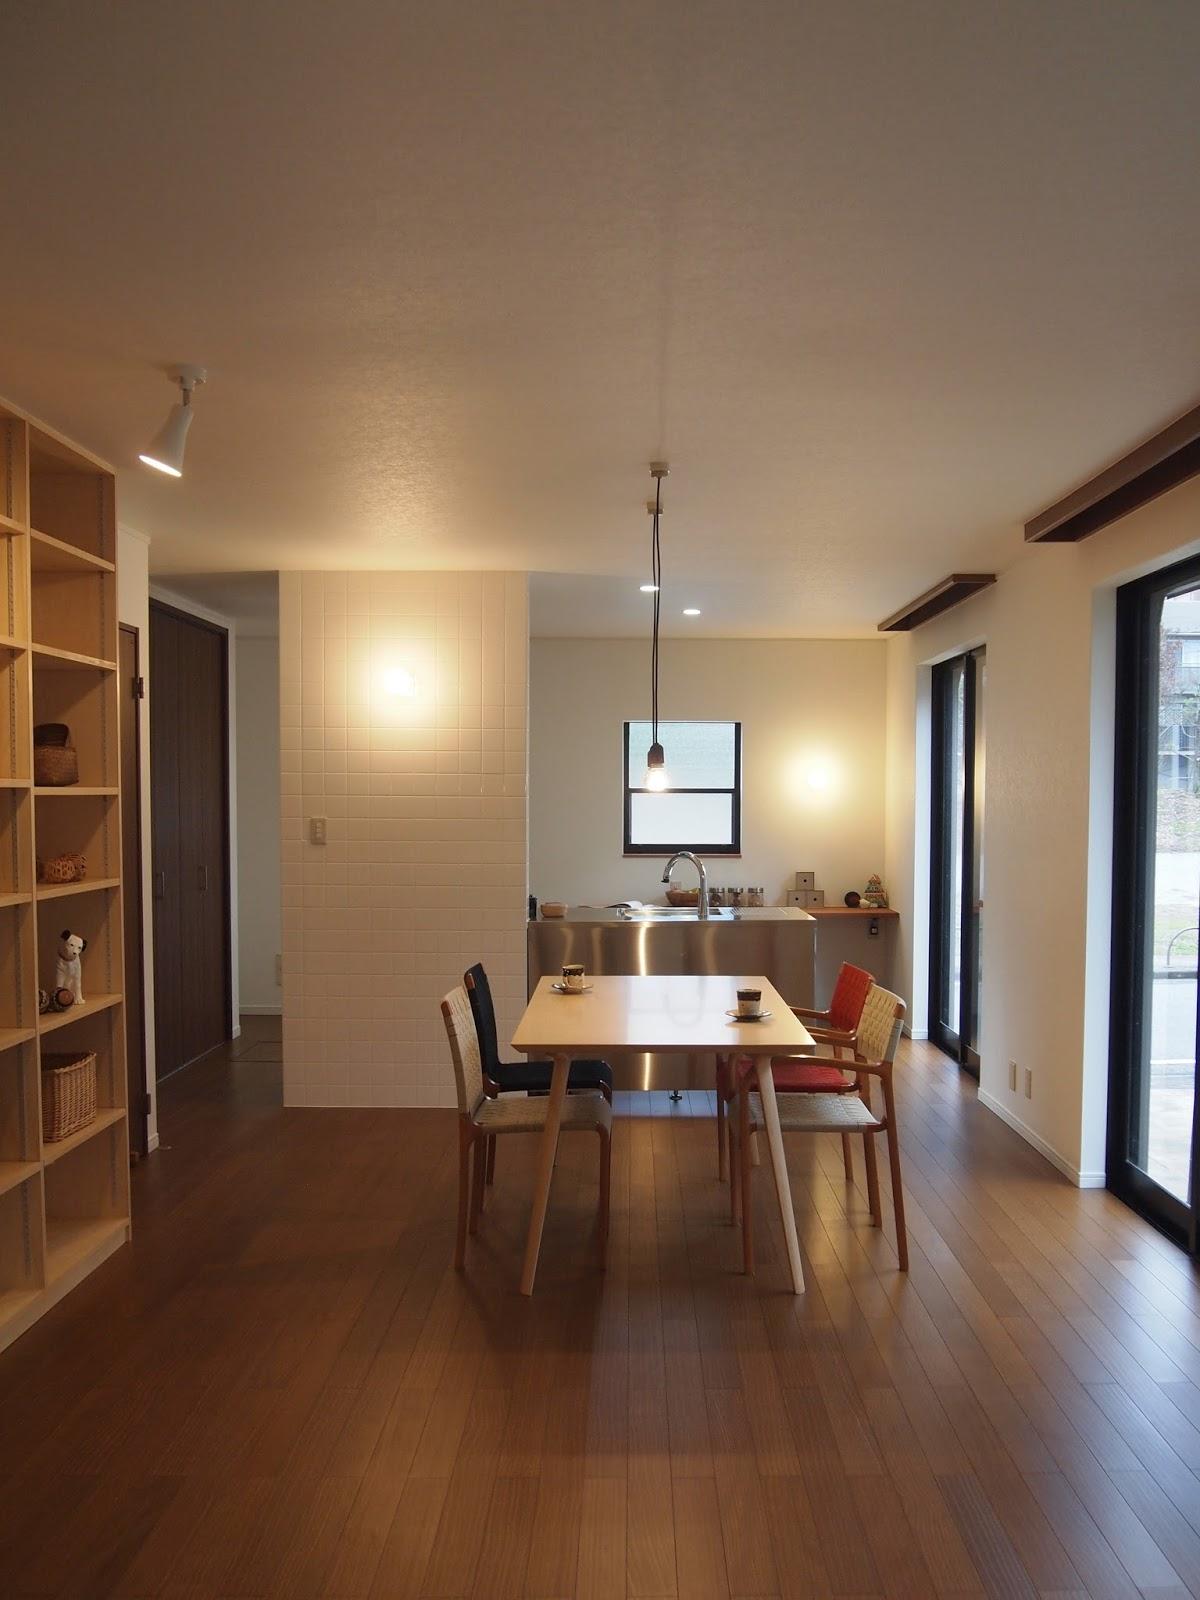 【中古住宅リノベーション】中古住宅を購入して素敵にリノベーション♪